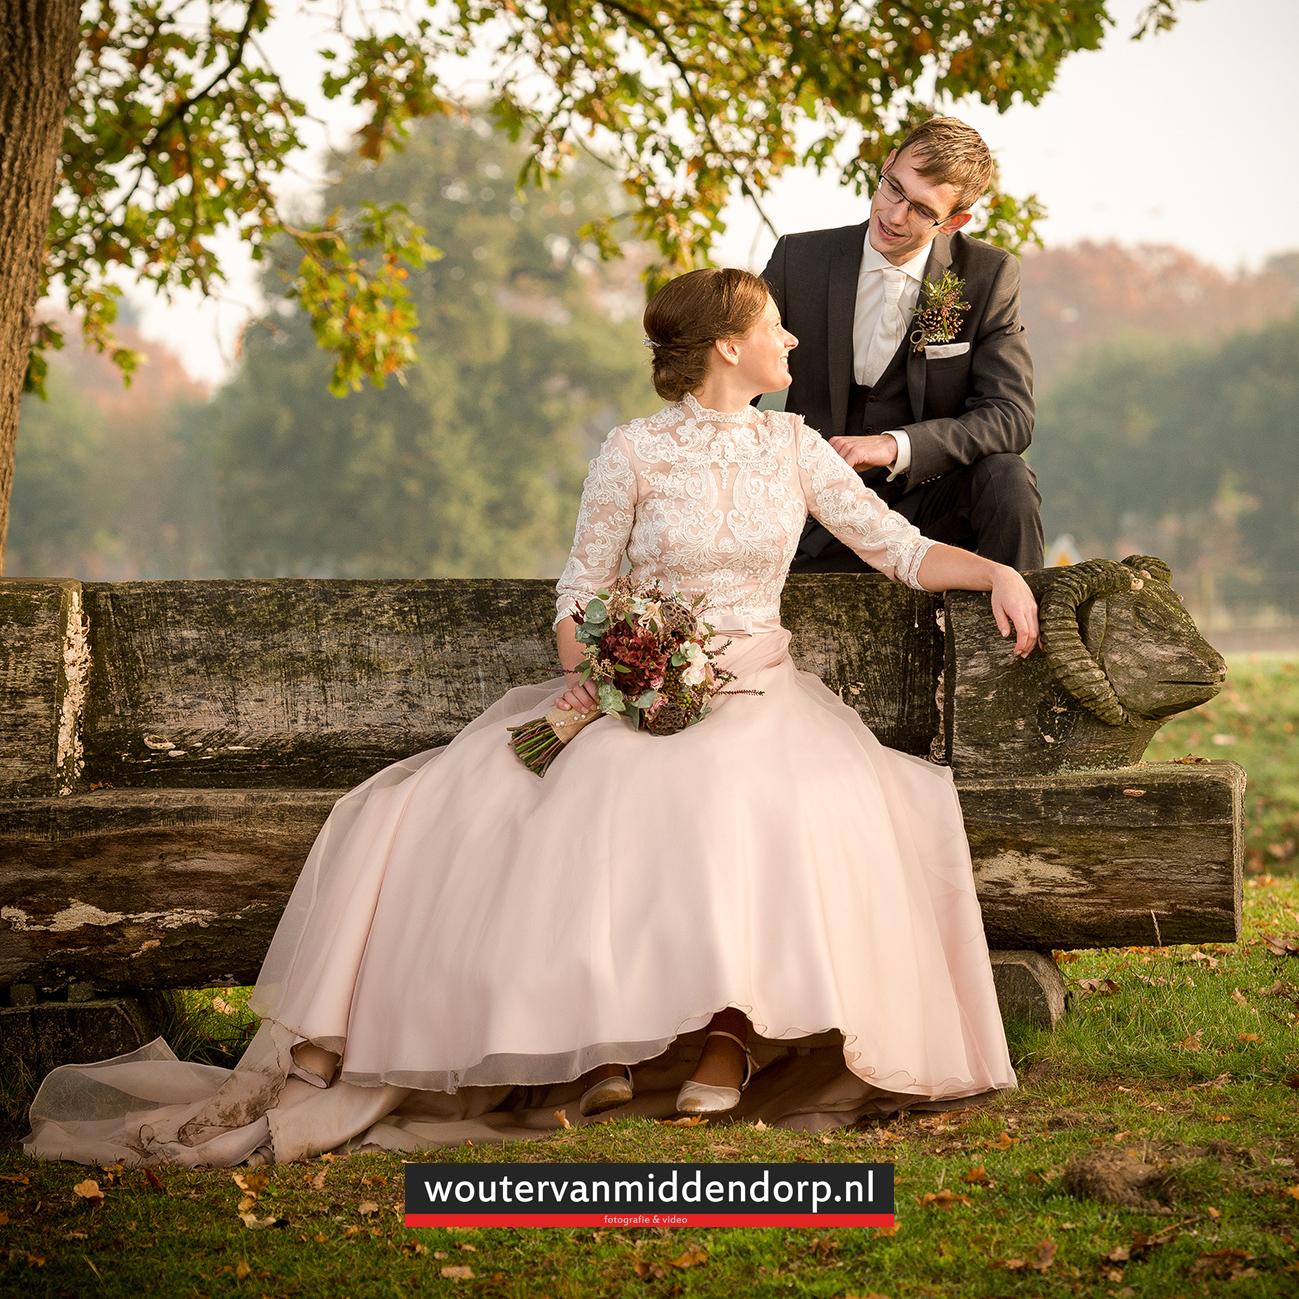 bruidfotografie wouter van Middendorp omgeving Ede, Lunteren, Hendrik Ido Ambacht, Uddel 02